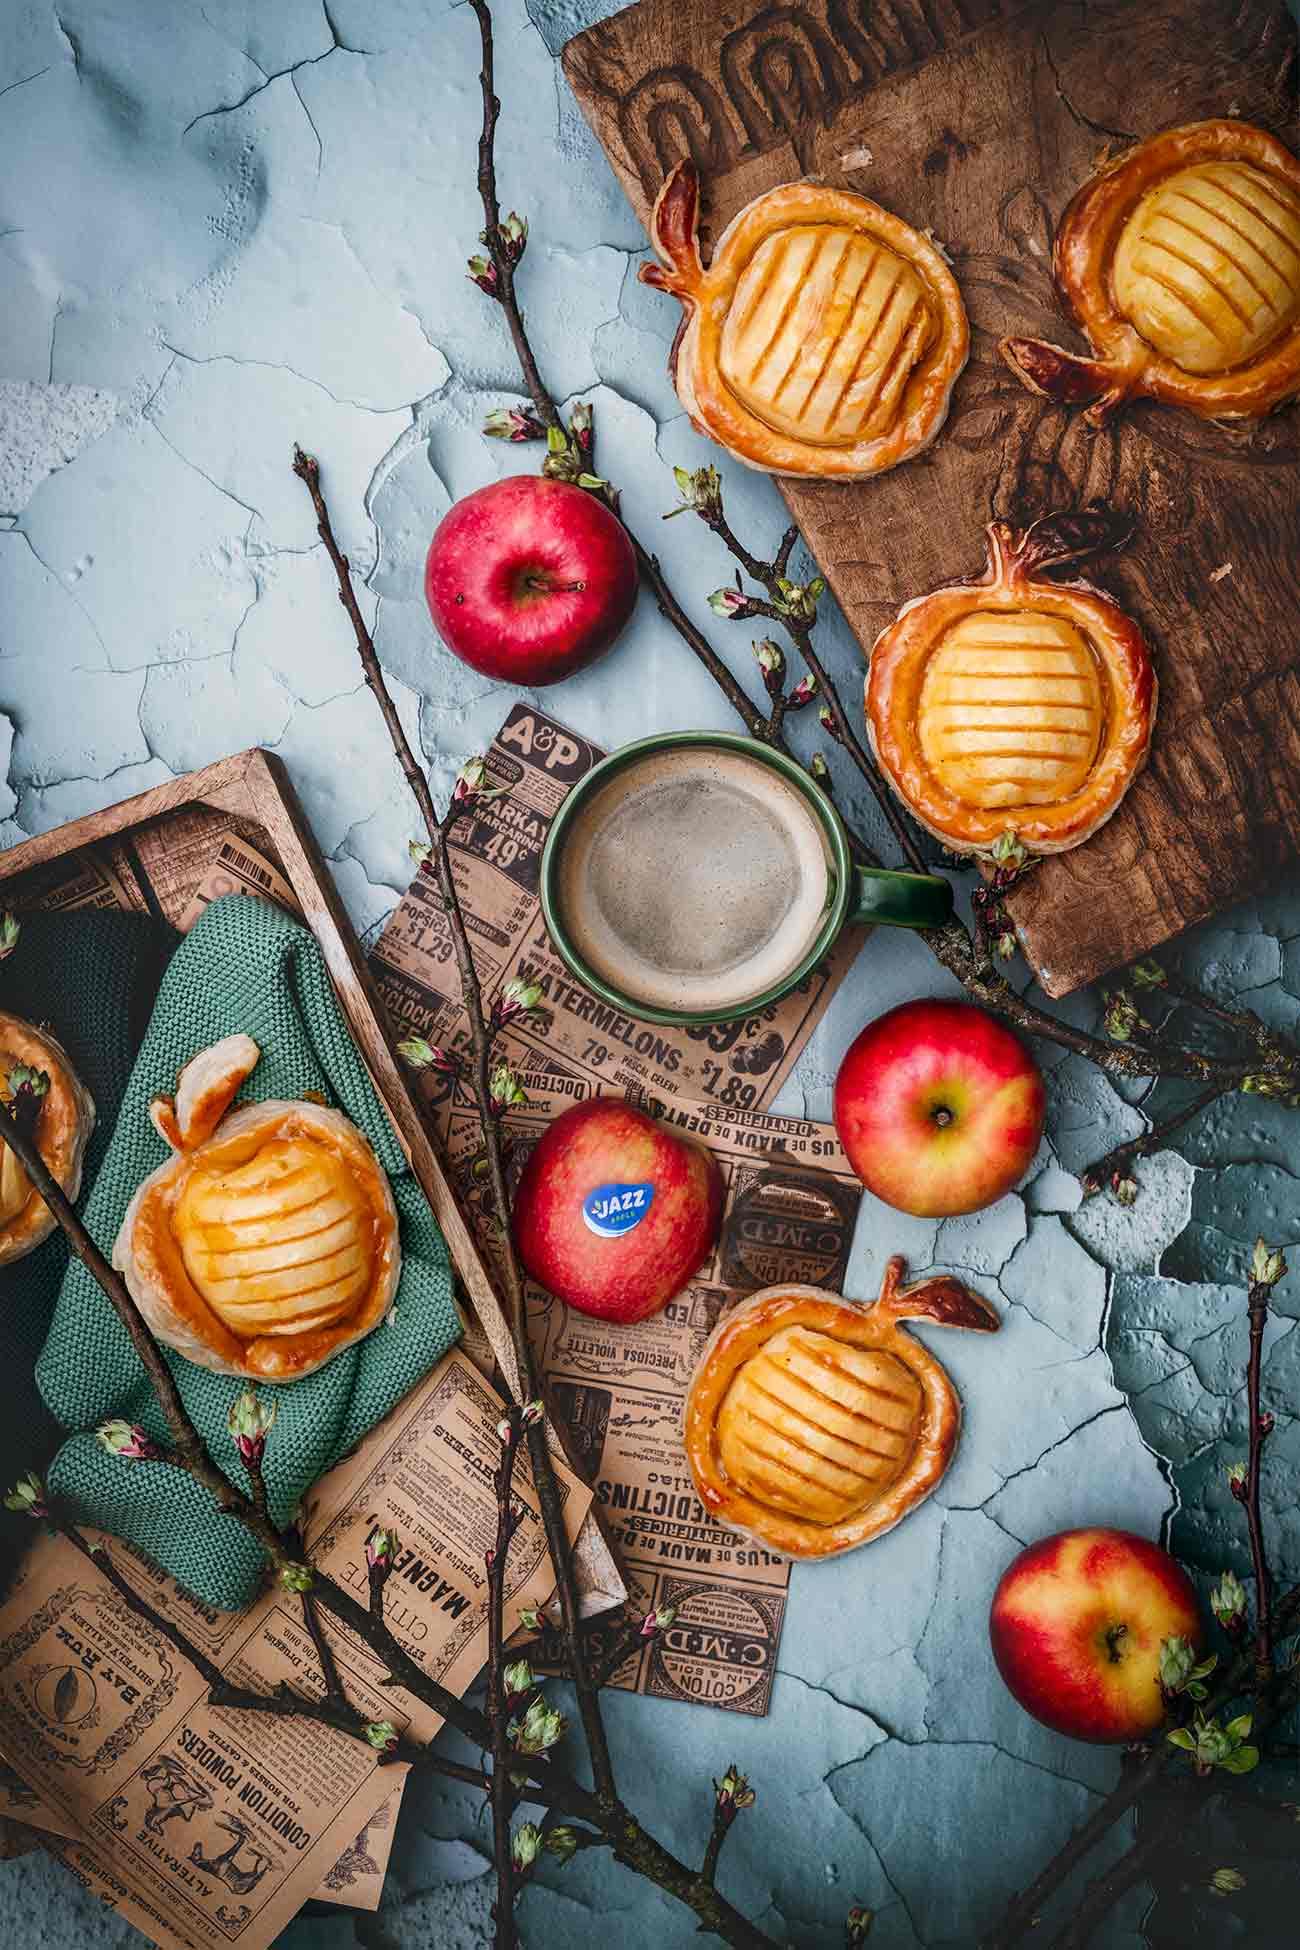 Auch wenn der JAZZ™ Apfel schon pur richtig gut schmeckt, mag ich es einfach mit Äpfeln zu kochen und zu backen. Und das das ganze Jahr über, denn die JAZZ™ Apfelbauern geben alles, um uns das ganze Jahr mit einem perfekten Apfel zu verwöhnen.  Was ich als nächstes ausprobieren werde? Ganz klar! Ich muss das Rezept von LIFE IS FULL OF GOODIES ausprobieren. Sie hat mit den knackigen JAZZ Äpfeln ein Apple Crisp aus Haferflocken gemacht.